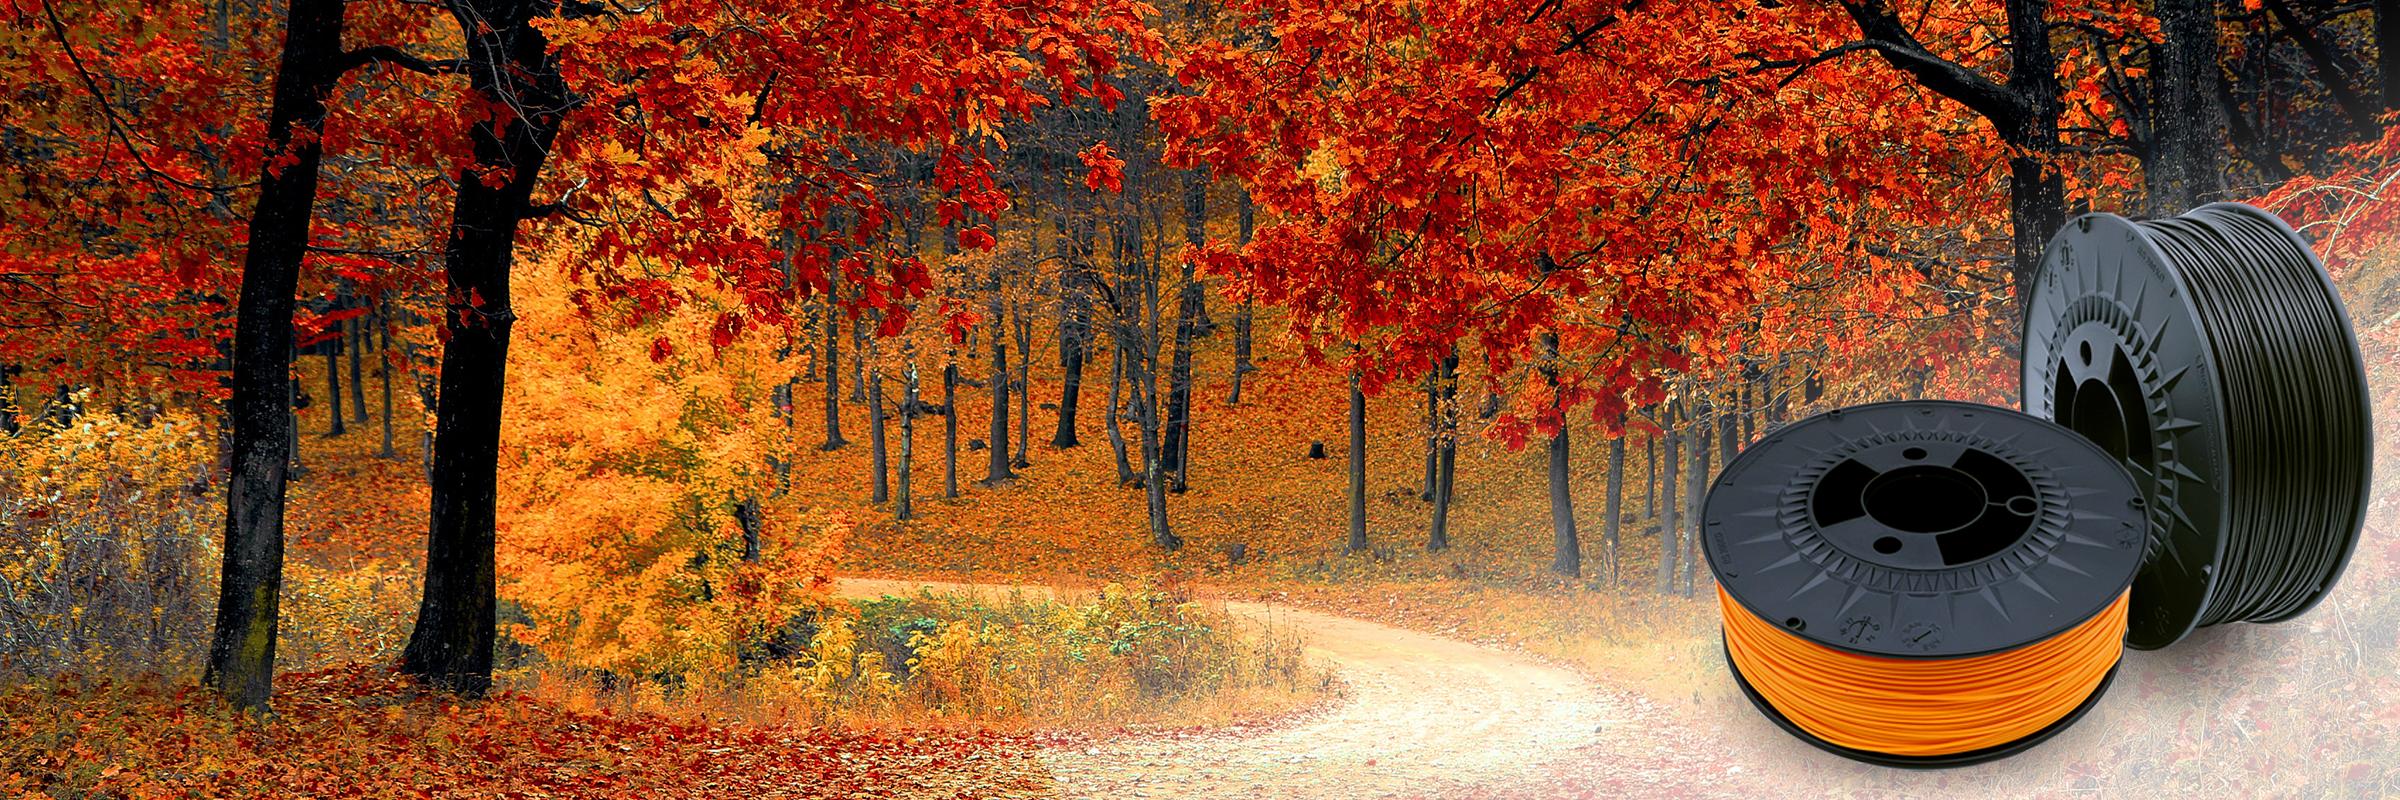 Herbstbild im 3DFilstore